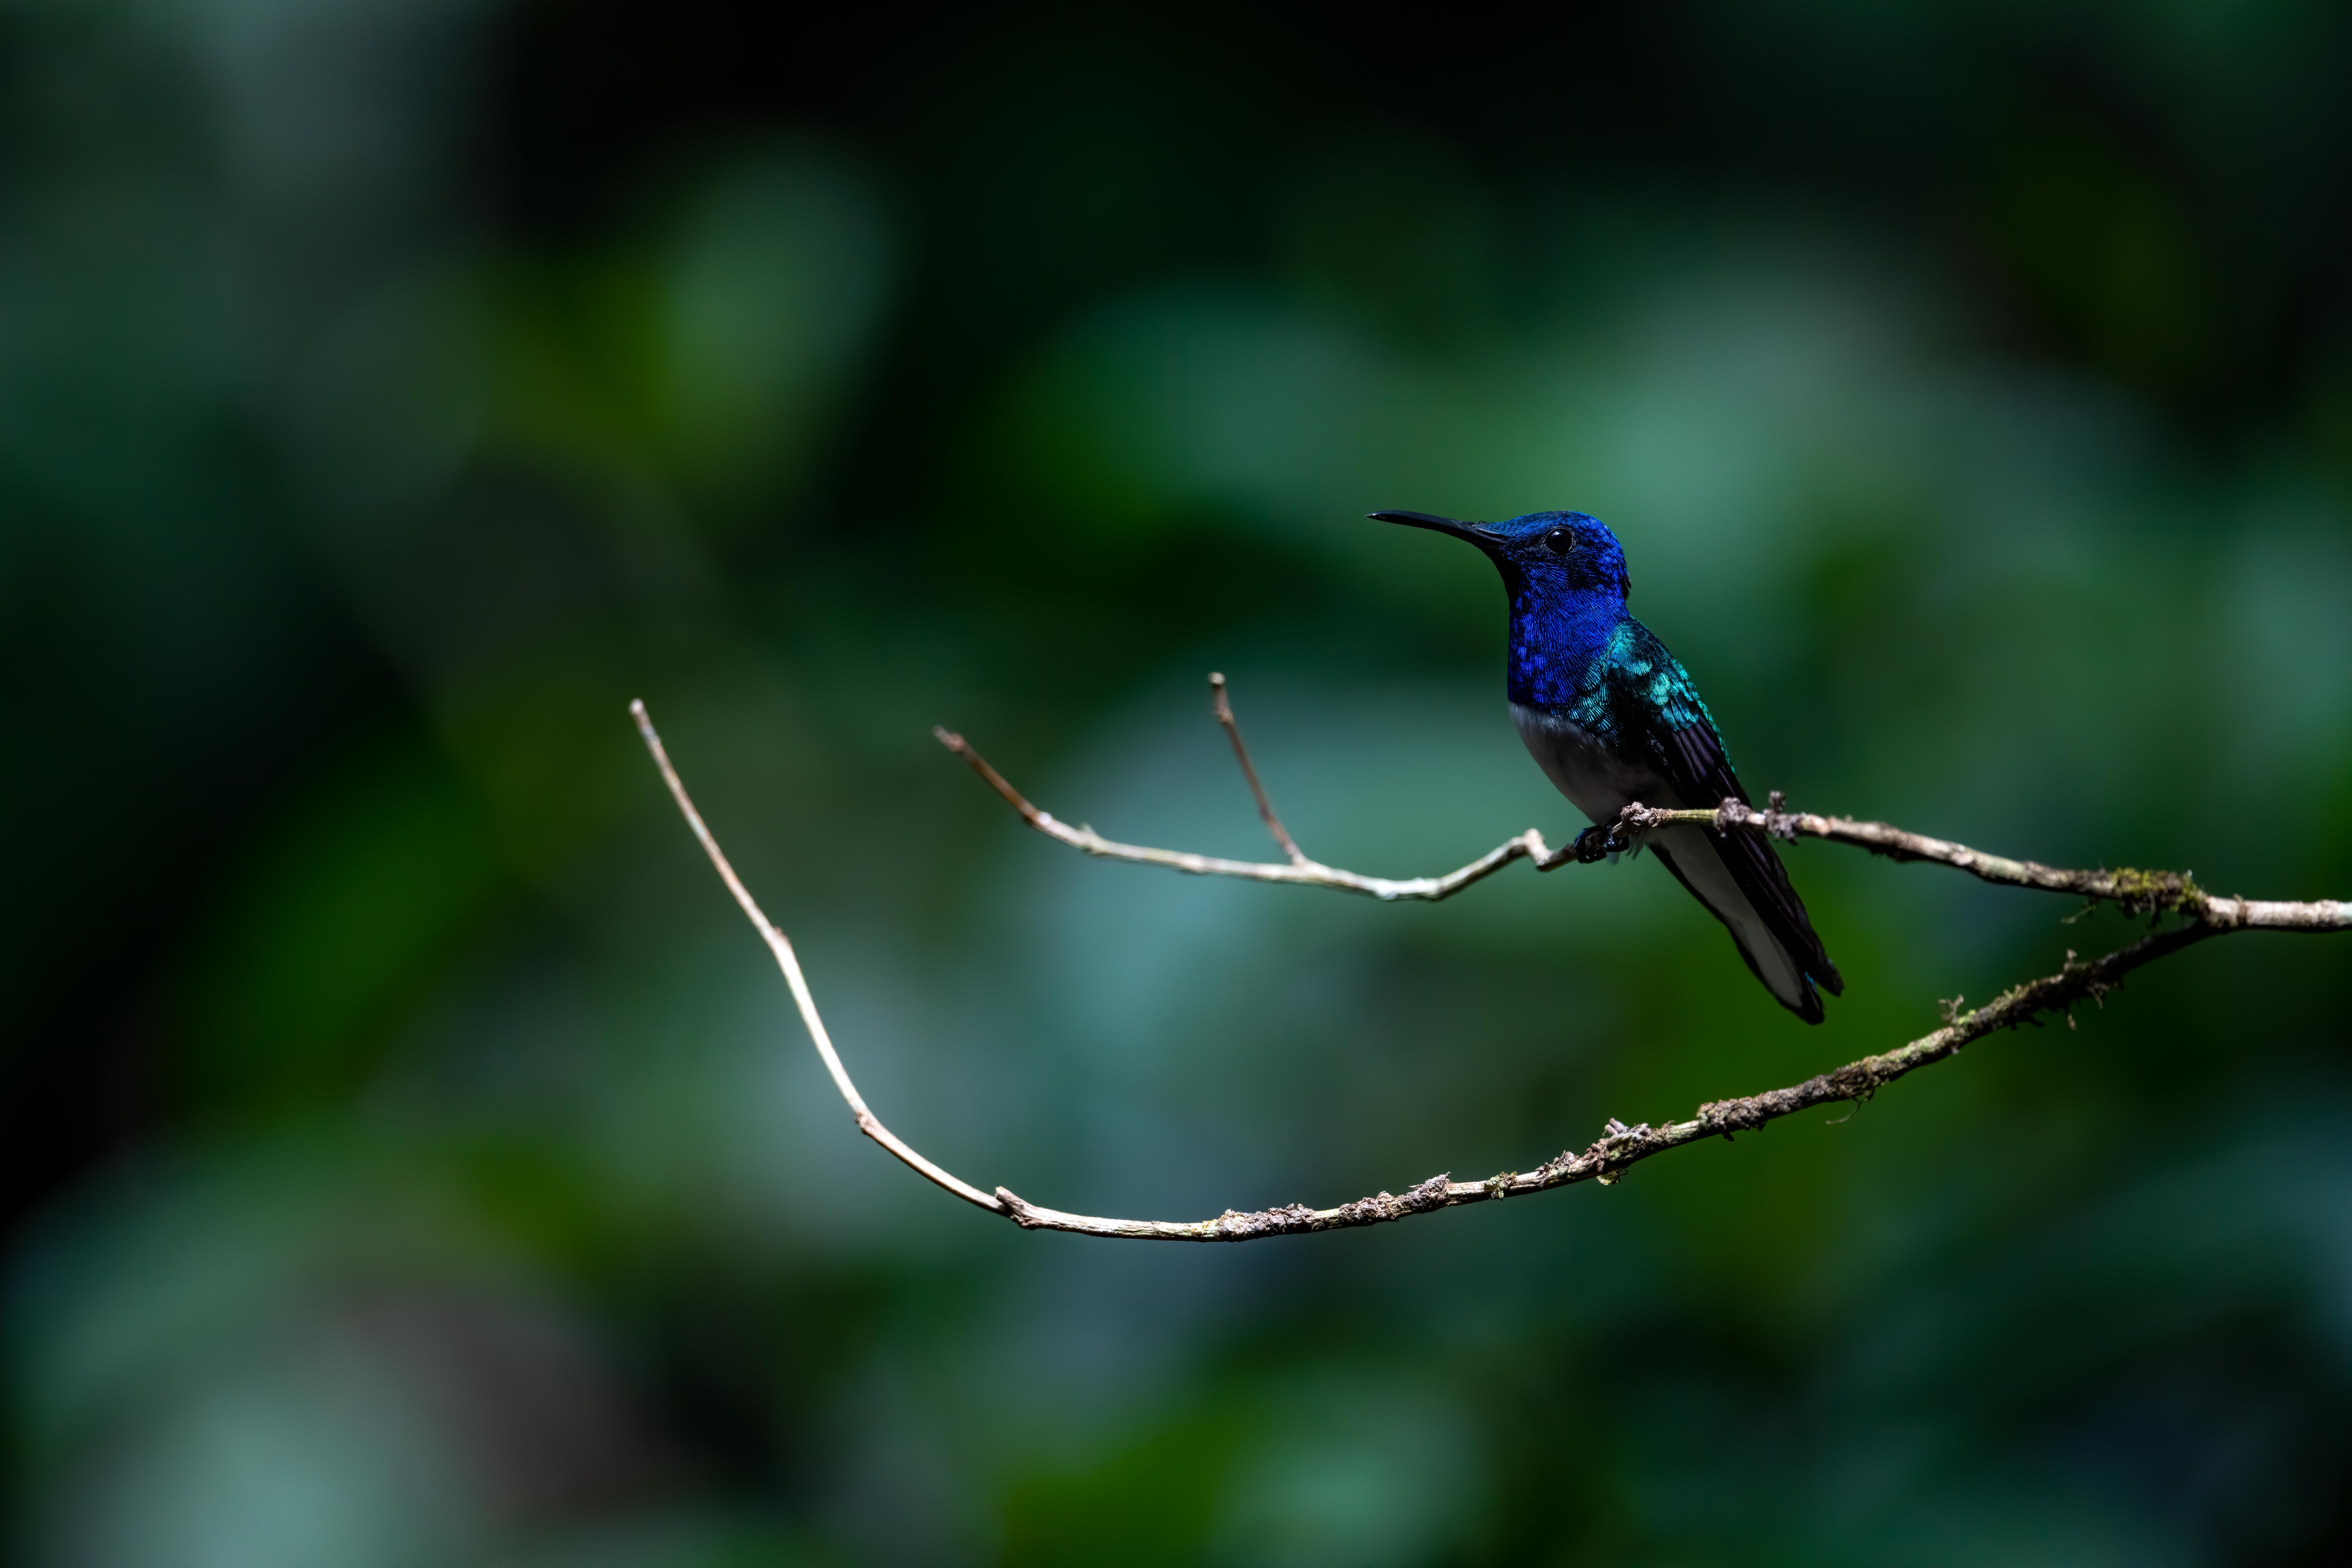 Costa Rica, Nicola Zannino